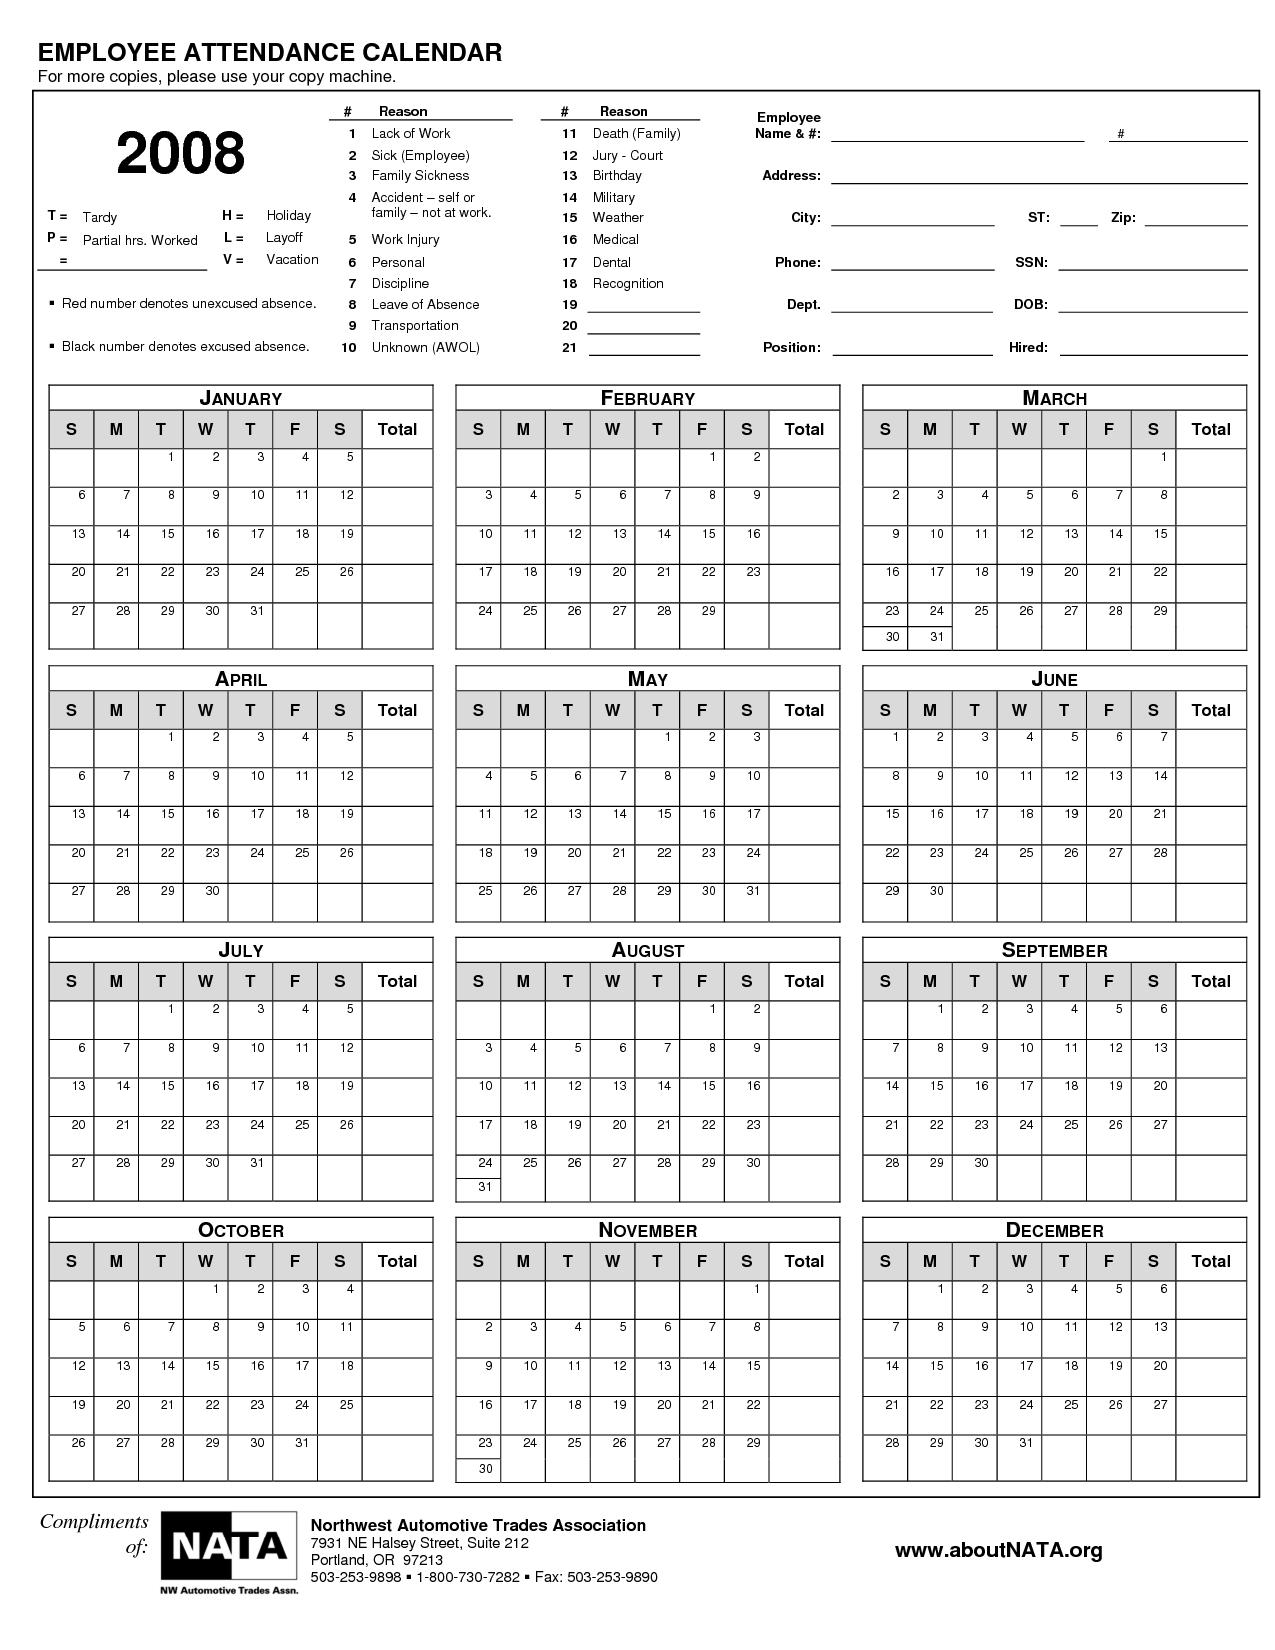 2015 Employee Attendance Calendar Free Printable Attendance pertaining to Printable Employee Attendance Calendar Template